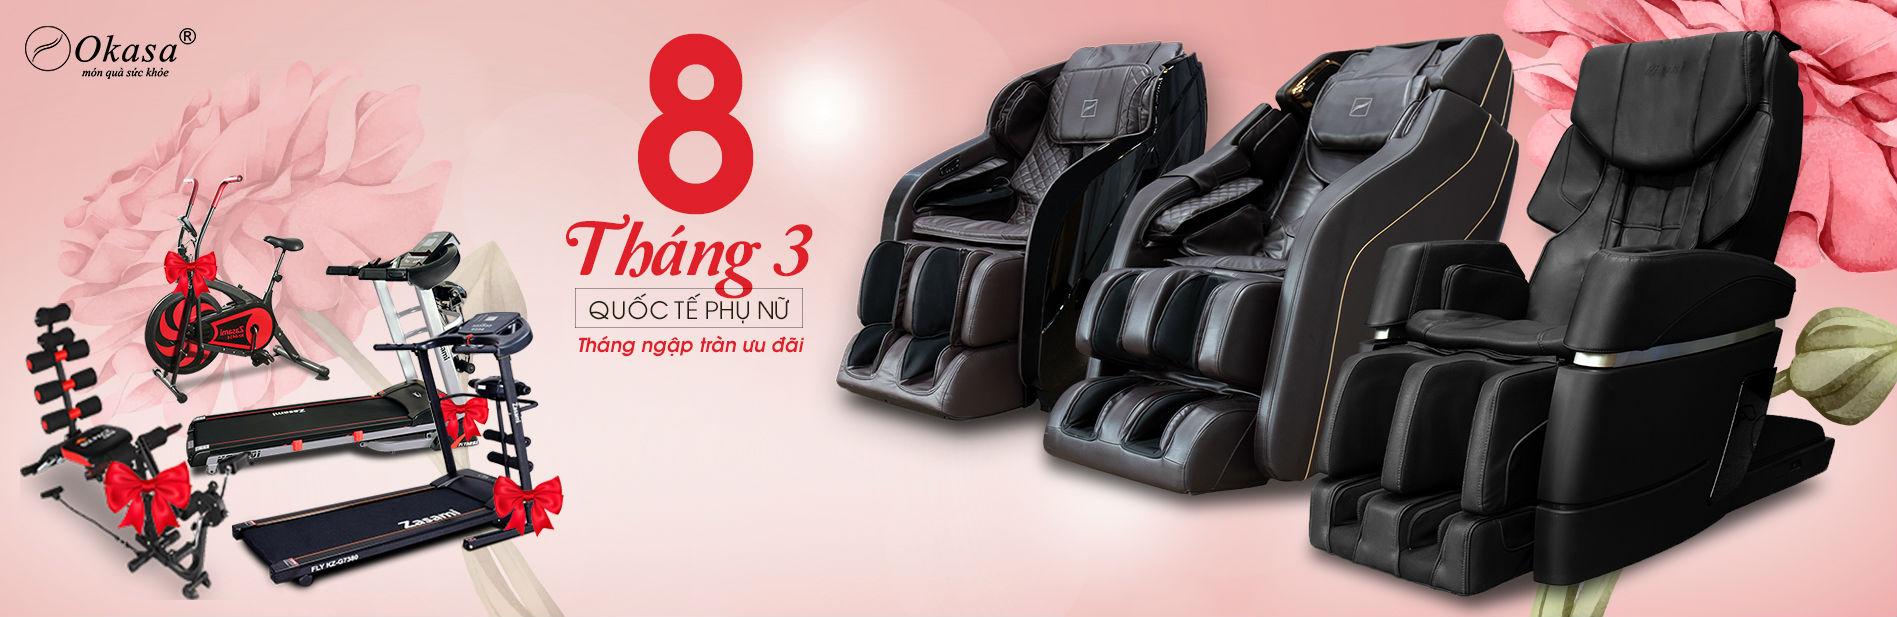 Mua ghế massage tại Okasa ngày 8/3 bạn có cơ hội nhận nhiều quà tặng bất ngờ